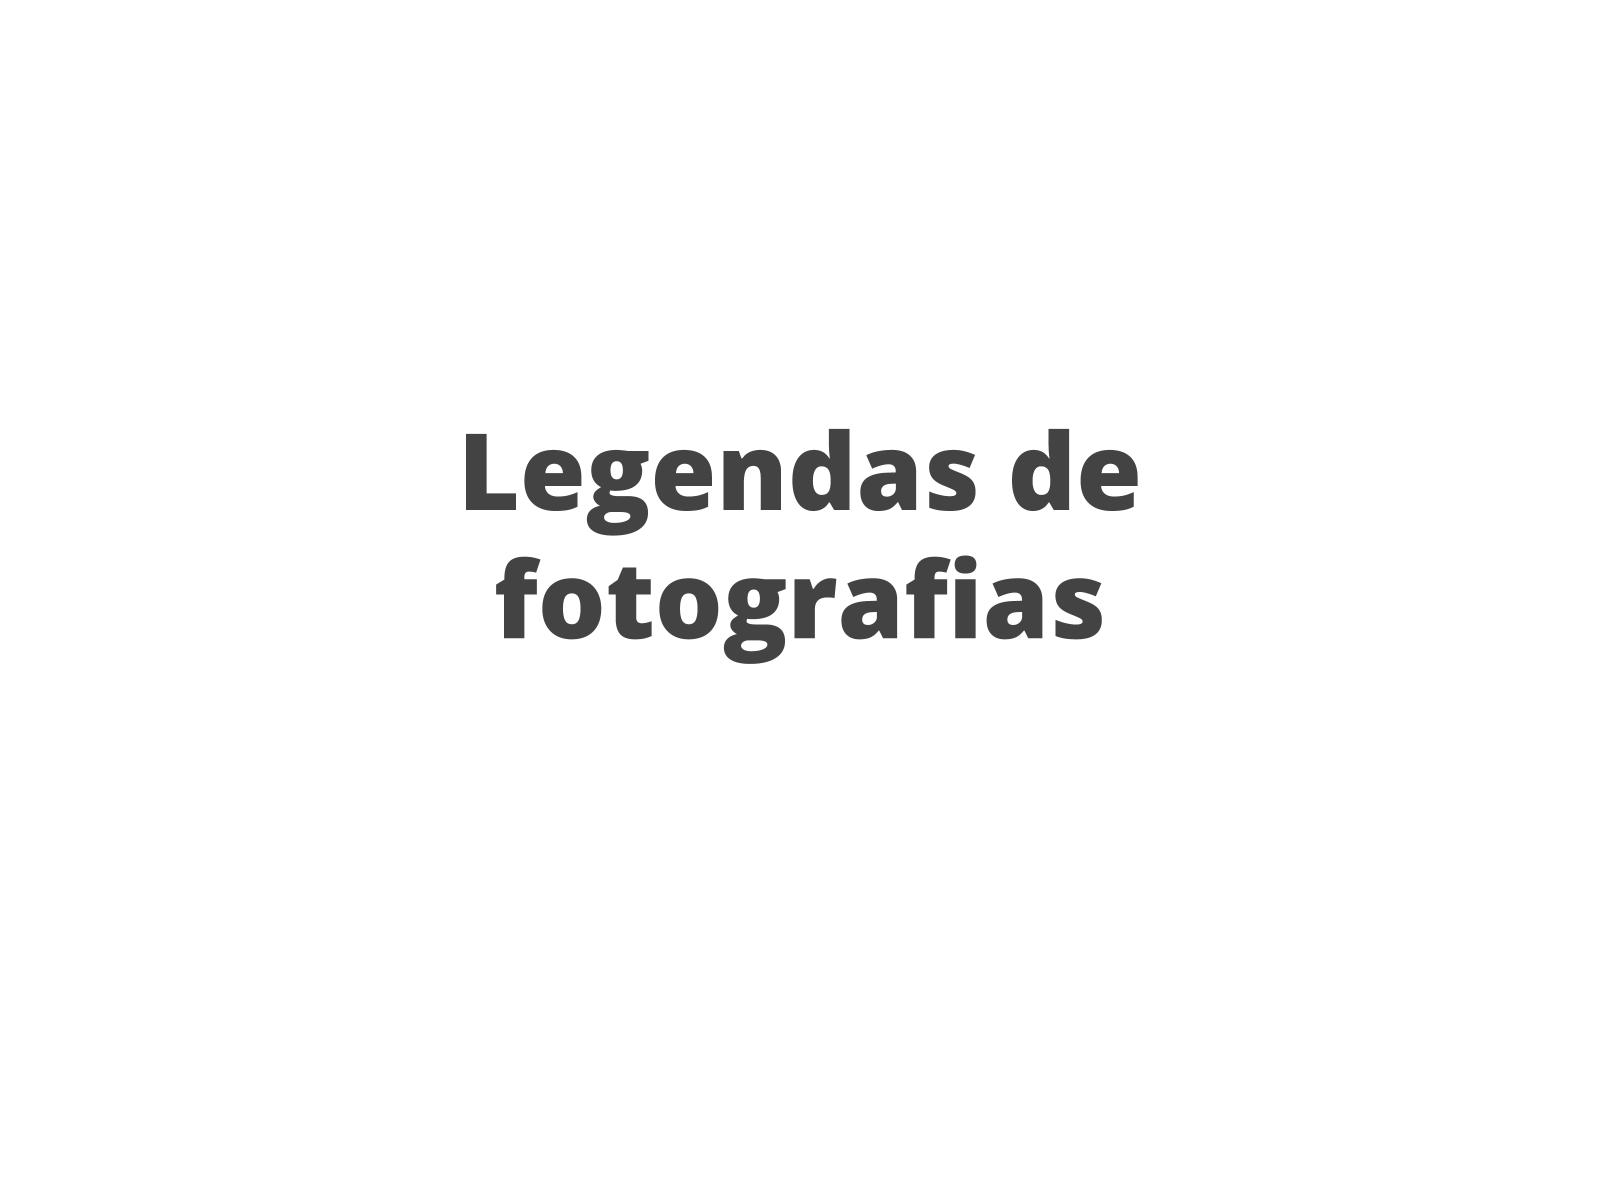 Legendas de fotografias